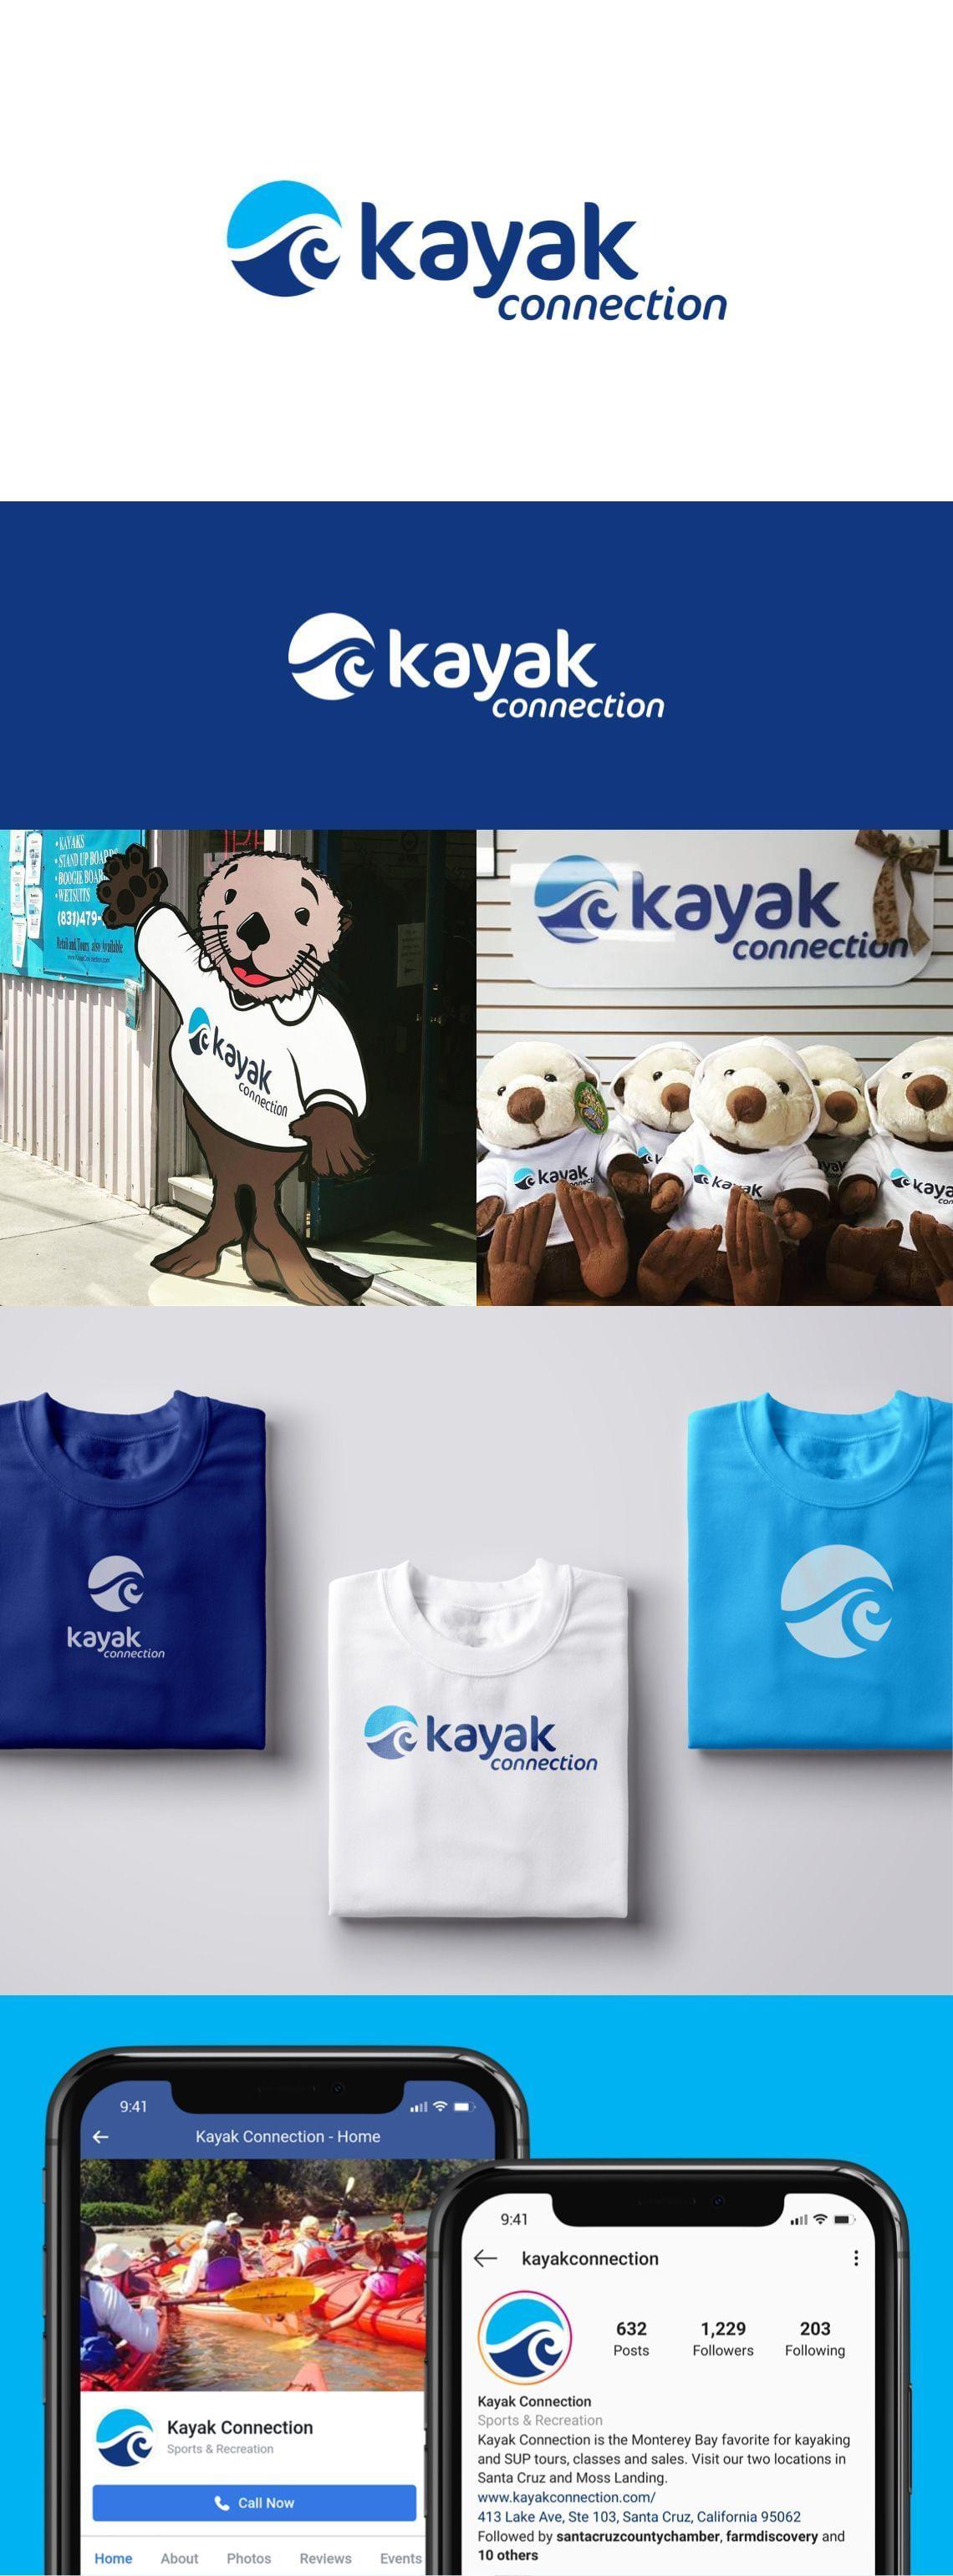 Kayak Connection - Branding